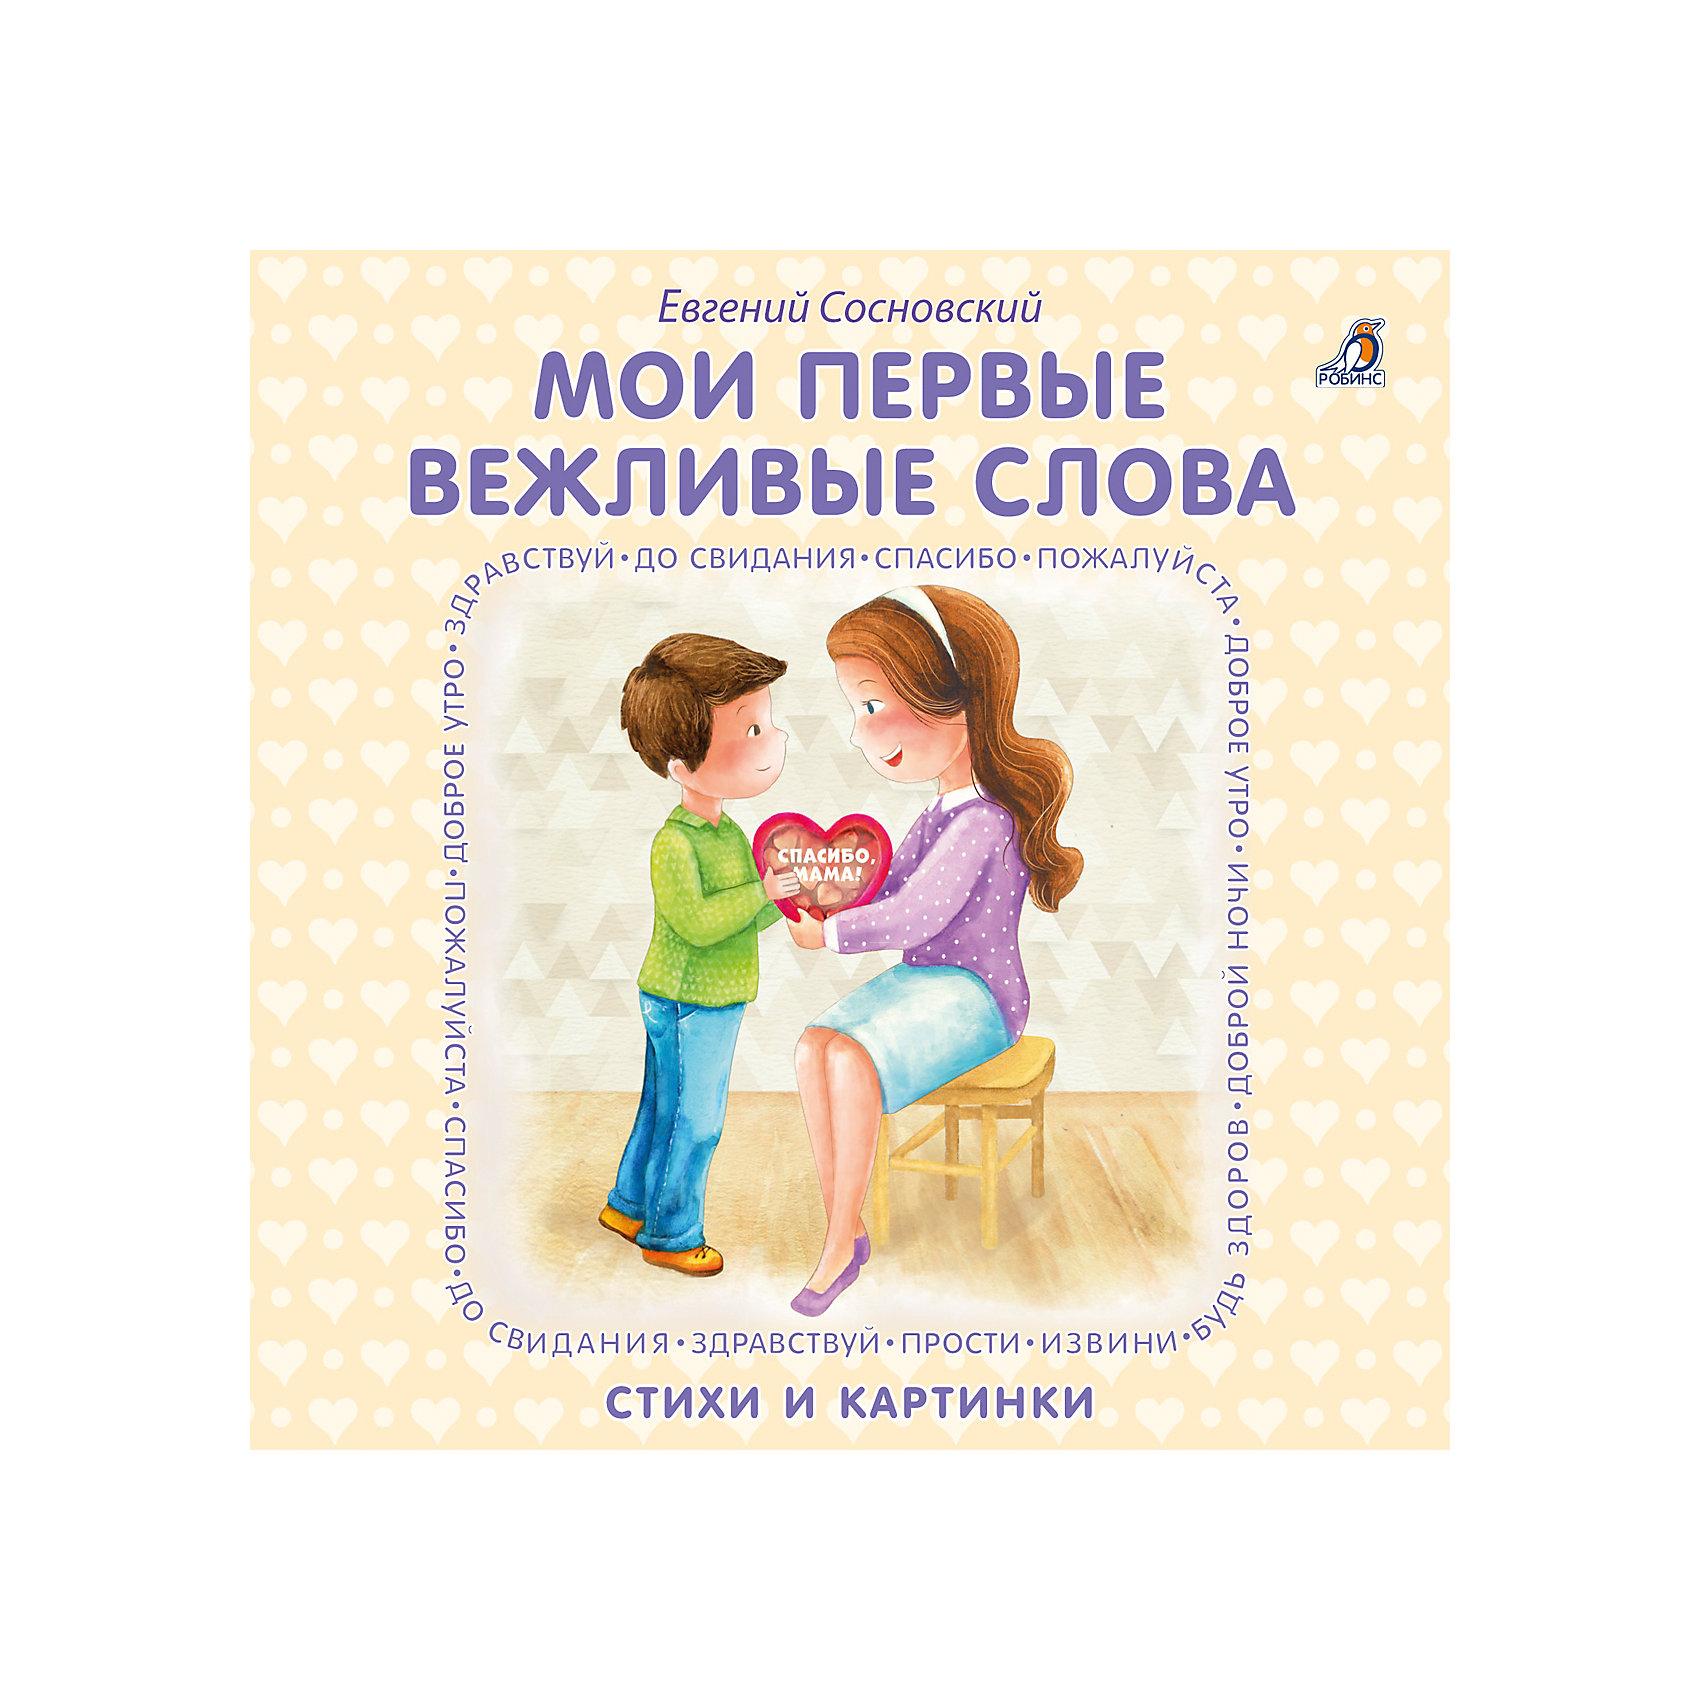 Мои первые вежливые слова, Е. СосновскийПервые книги малыша<br>Книжка - картонка Мои первые вежливые слова.<br><br>Характеристика:<br><br>• Формат: 14х14 см. <br>• Переплет: картон.<br>• Количество страниц: 12.<br>• Иллюстрации: цветные.<br>• Добрые стихи.<br>• Красочные иллюстрации.<br>• Каждая страничка книги посвящена одному из животных – слону, носорогу, льву, кенгуру, жирафу и многим другим.<br>• Скругленные уголки. <br><br>Книжка - картонка - первая книжка вашего малыша! Яркие цветные иллюстрации и добрый стихи познакомят кроху с вежливыми словами и правилами их употребления. Плотные картонные страницы со скругленными уголками и удобный формат идеально подойдут даже для самых юных читателей. <br><br>Книжка - картонка Мои первые вежливые слова можно купить в нашем интернет-магазине.<br><br>Ширина мм: 140<br>Глубина мм: 140<br>Высота мм: 150<br>Вес г: 100<br>Возраст от месяцев: -2147483648<br>Возраст до месяцев: 2147483647<br>Пол: Унисекс<br>Возраст: Детский<br>SKU: 5507272